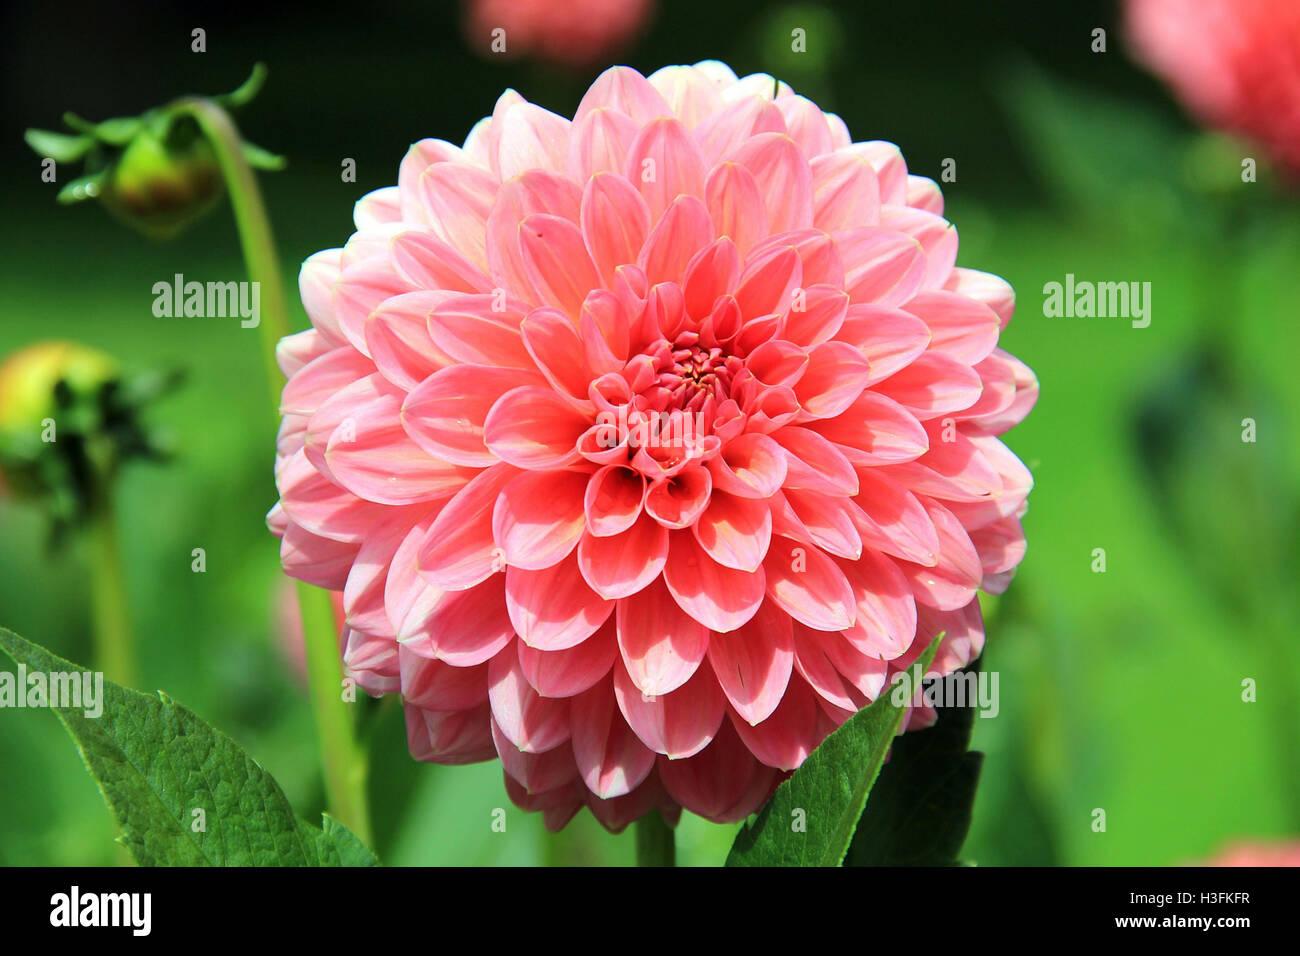 Tumblr Girl Stockfotos und -bilder Kaufen - Alamy